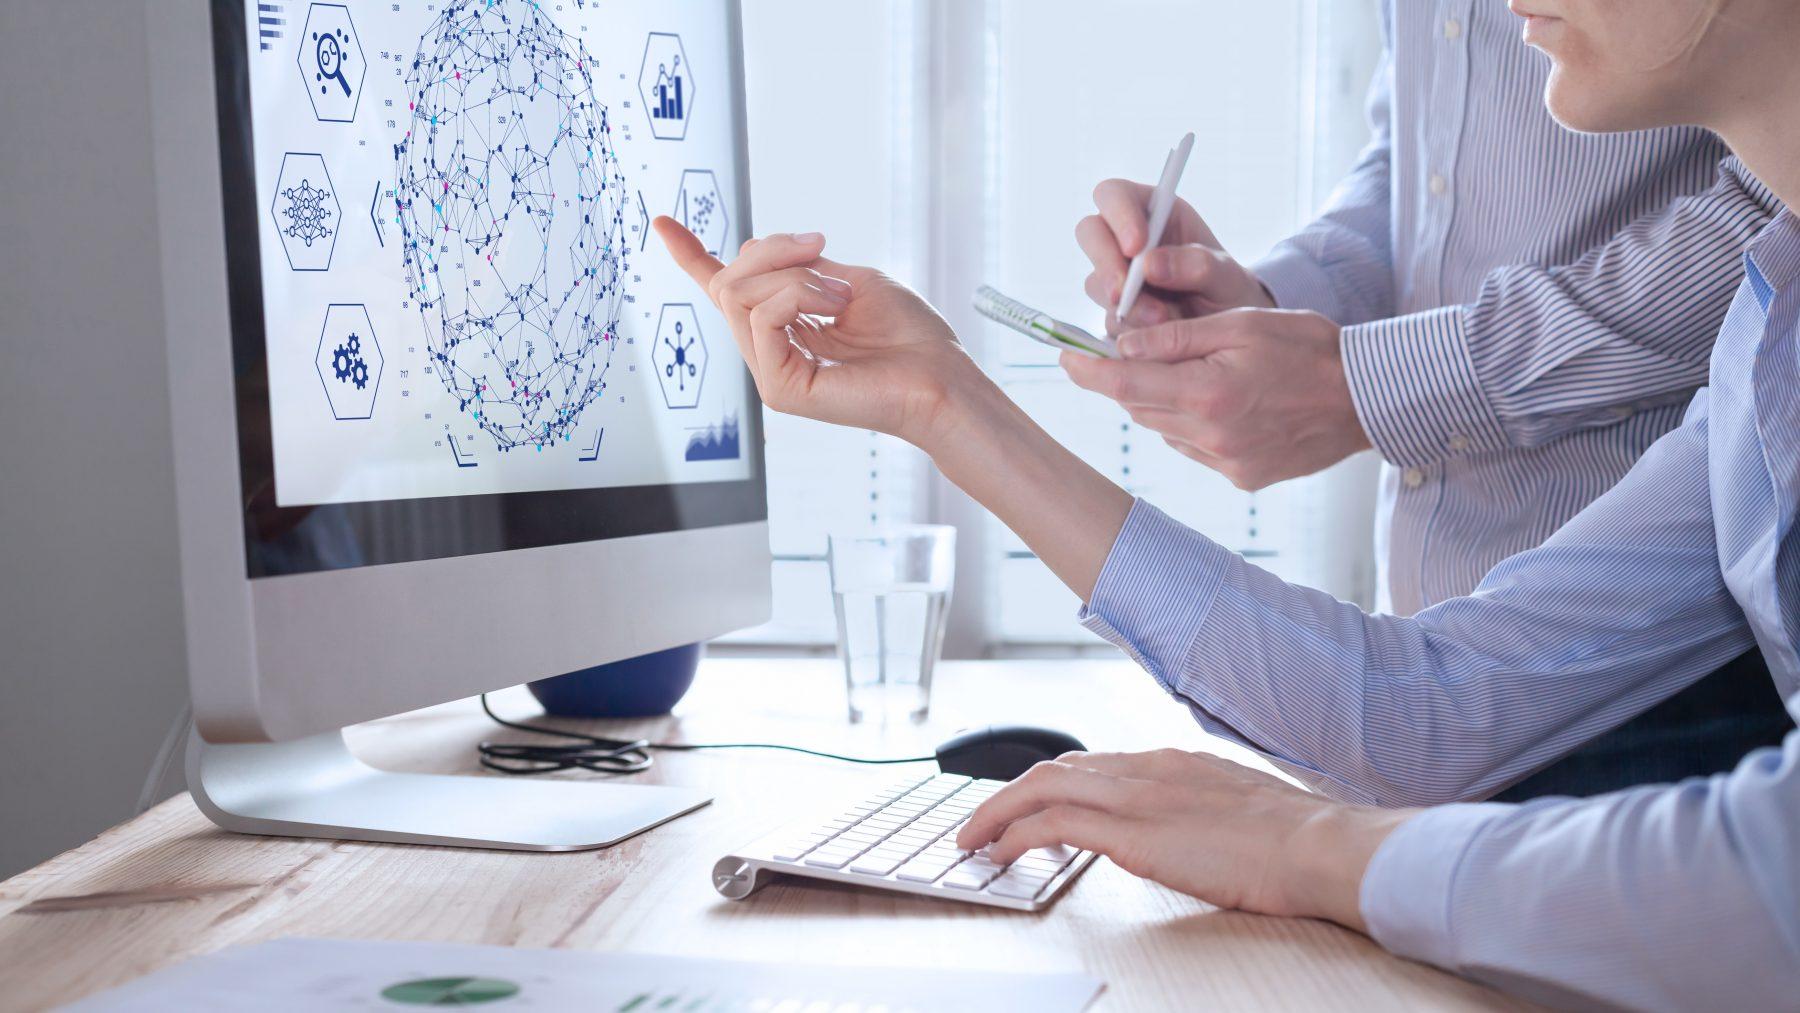 EnerWisely, trabajos y pasantías, análisis de datos, inteligencia artificial y modelado